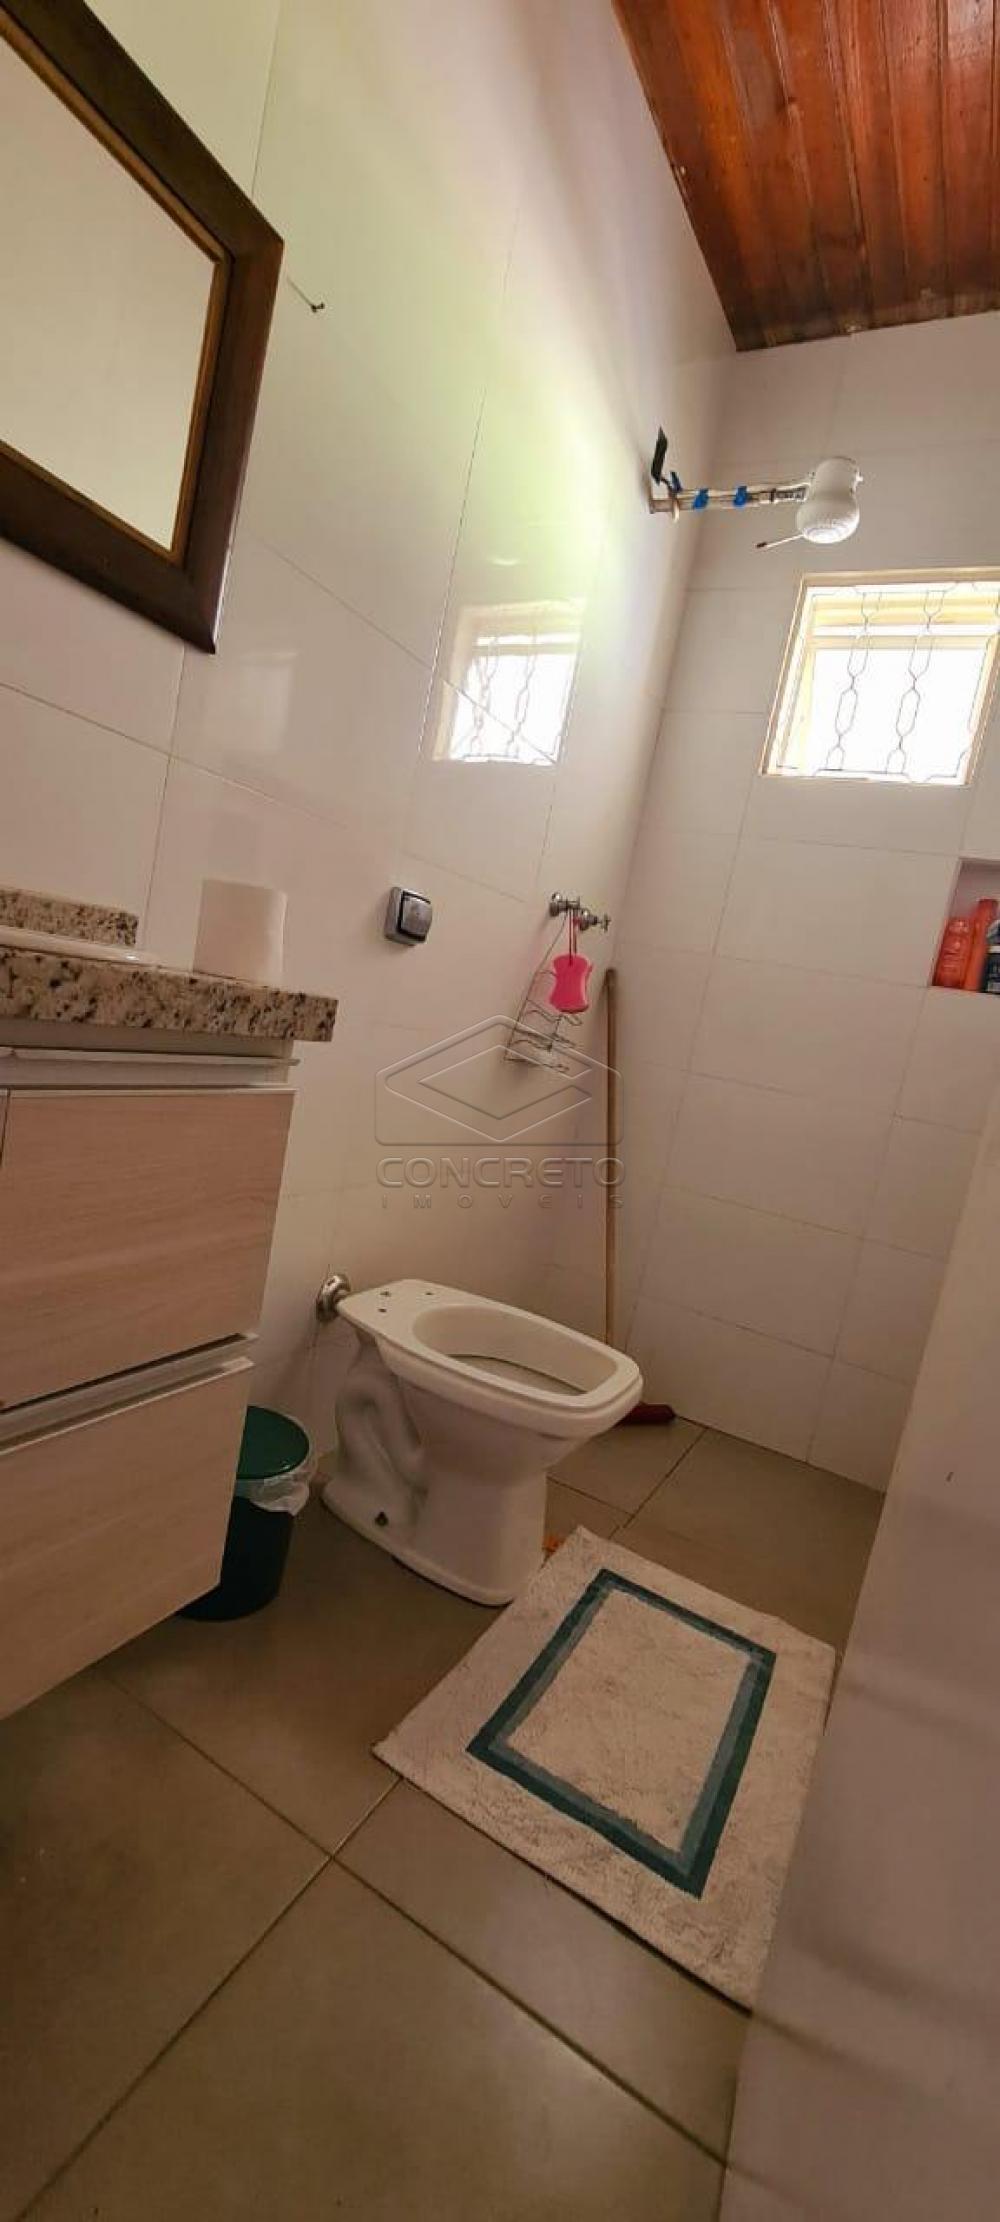 Comprar Casa / Residencia em Bauru apenas R$ 210.000,00 - Foto 9